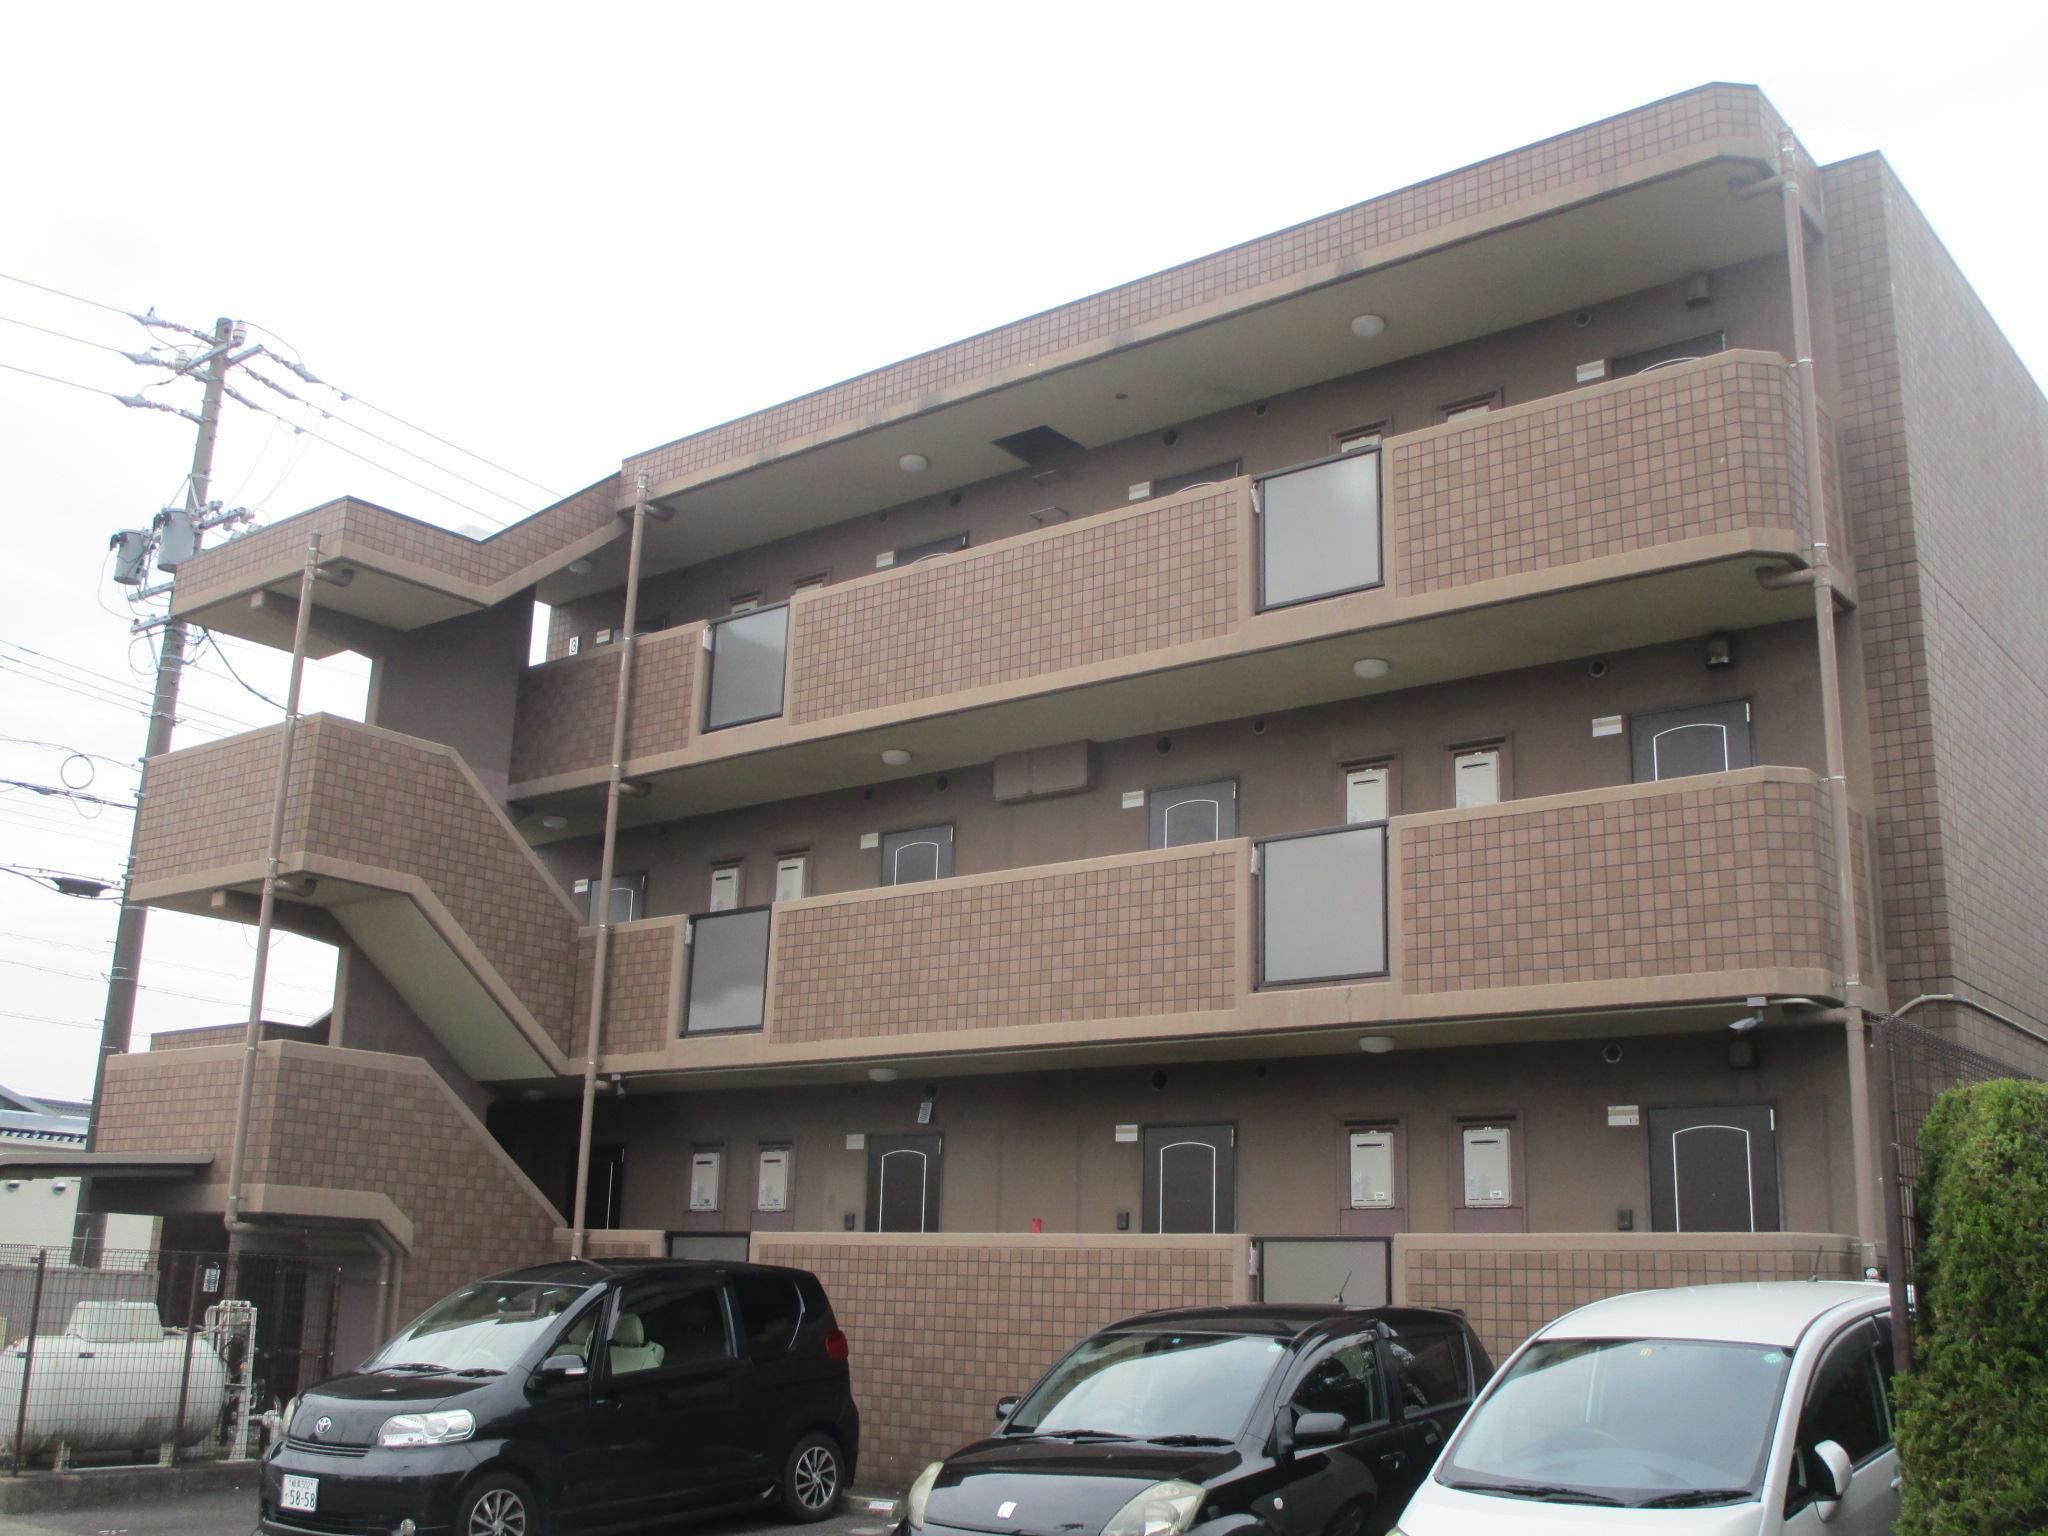 美浜町 Dマンション様 外壁塗装 屋上防水工事 (3)